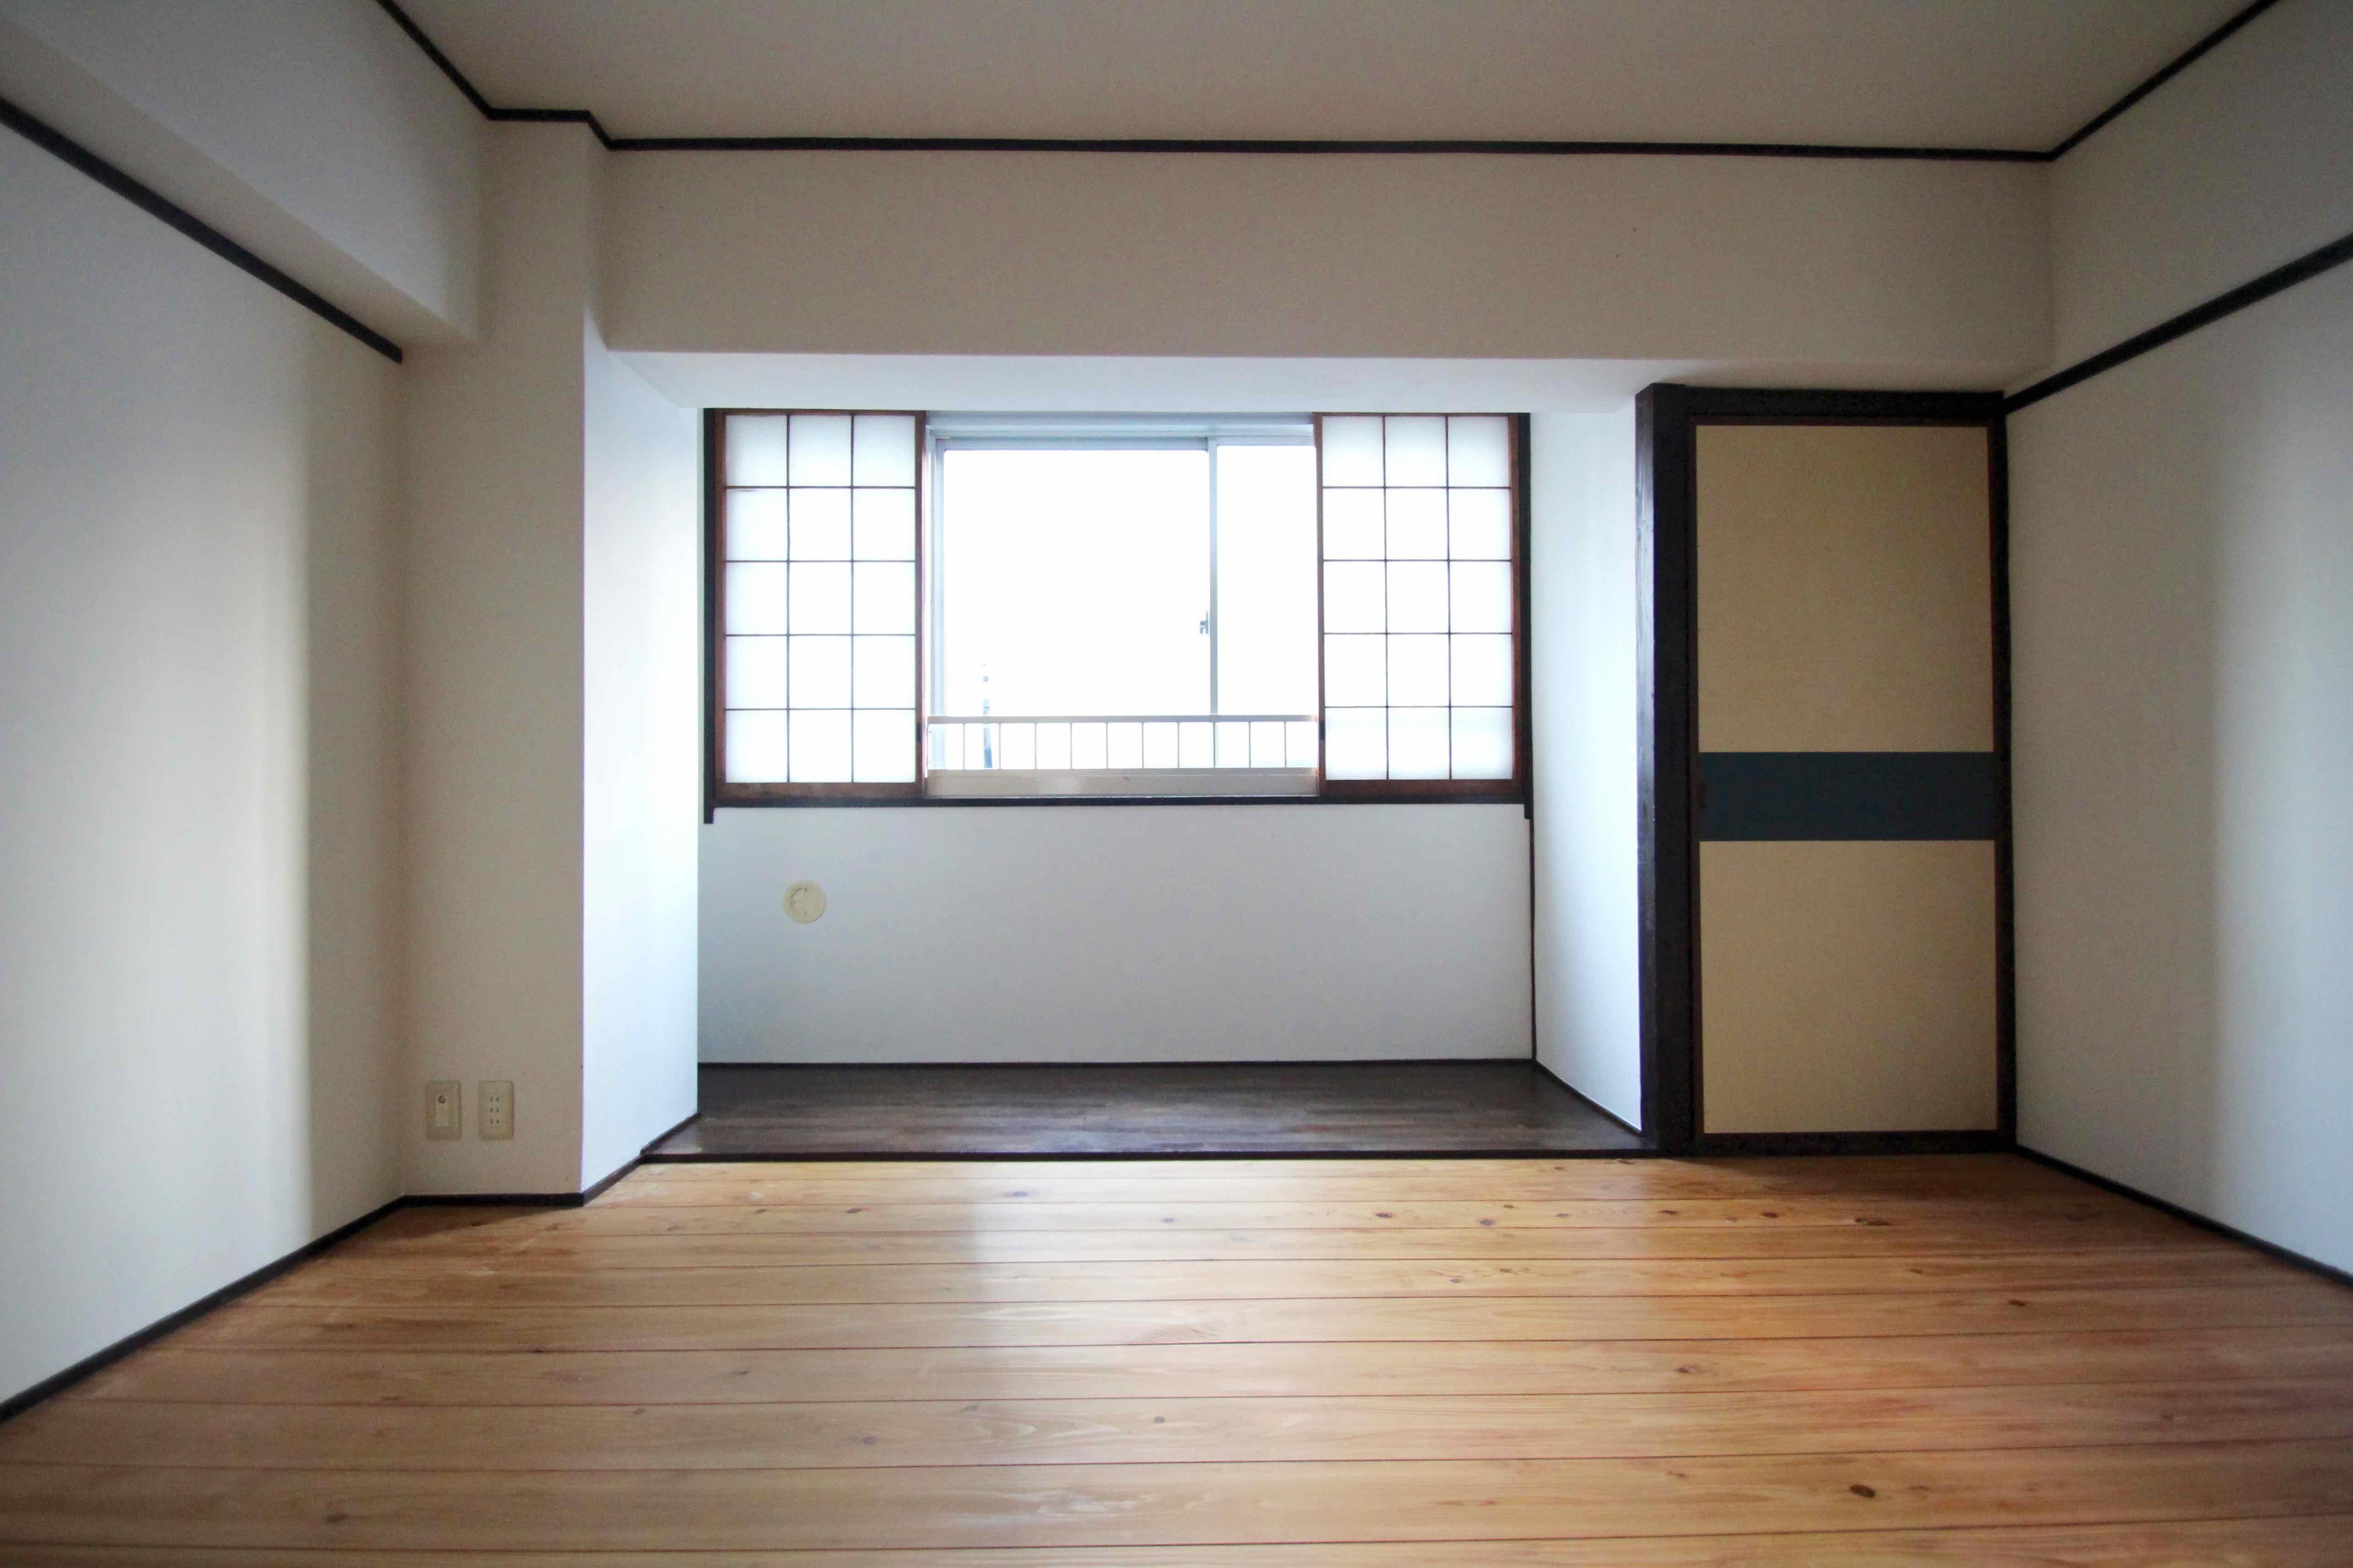 セントラルレトロ (神戸市中央区小野柄通の物件) - 神戸R不動産